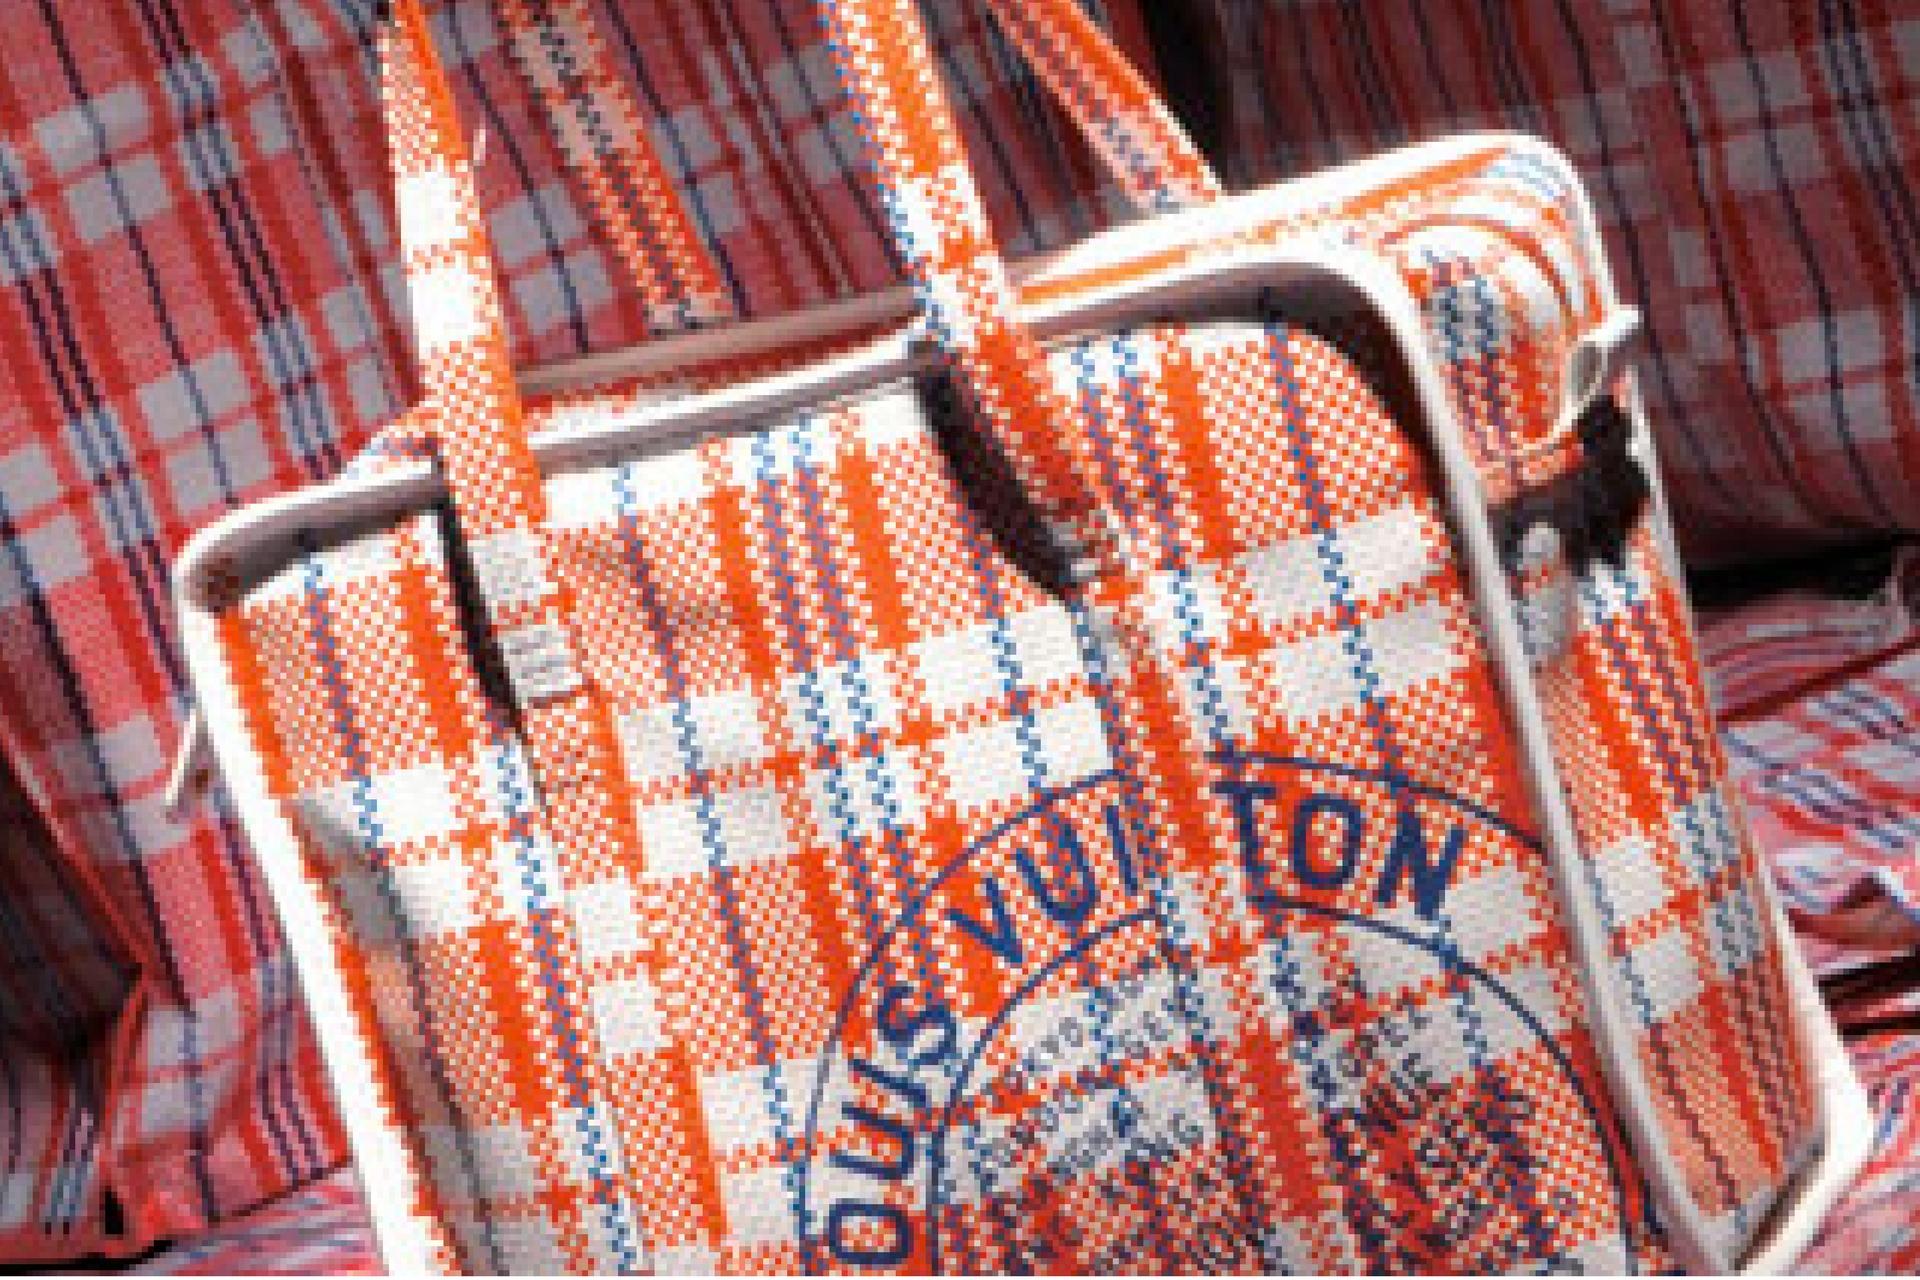 就是有錢|20塊的「 紅白藍膠袋 」,而且耐用及容量大,產地貨源 - 阿里巴巴